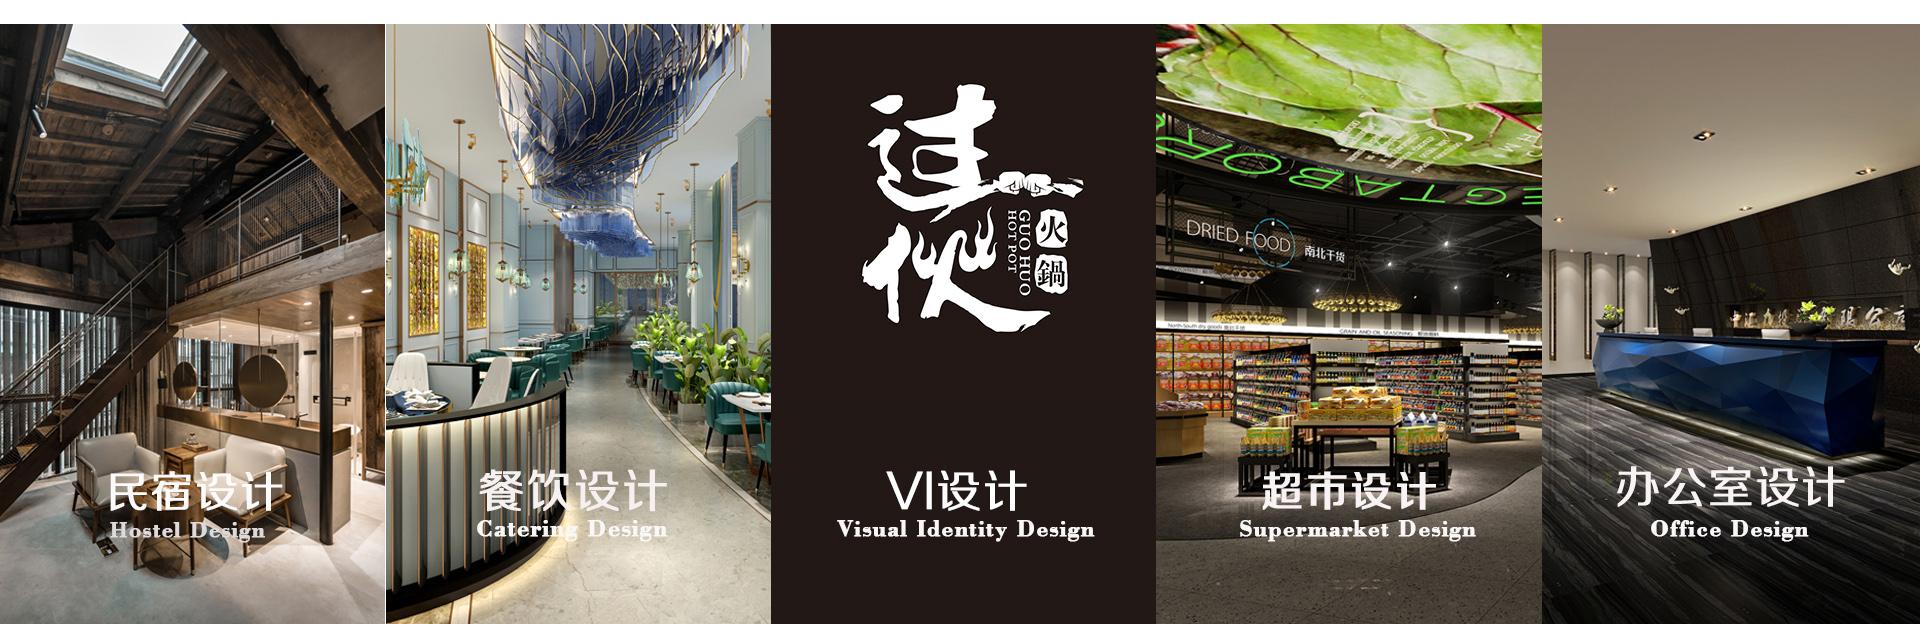 成都众派思装饰/超市空间设计/精品生鲜超市设计